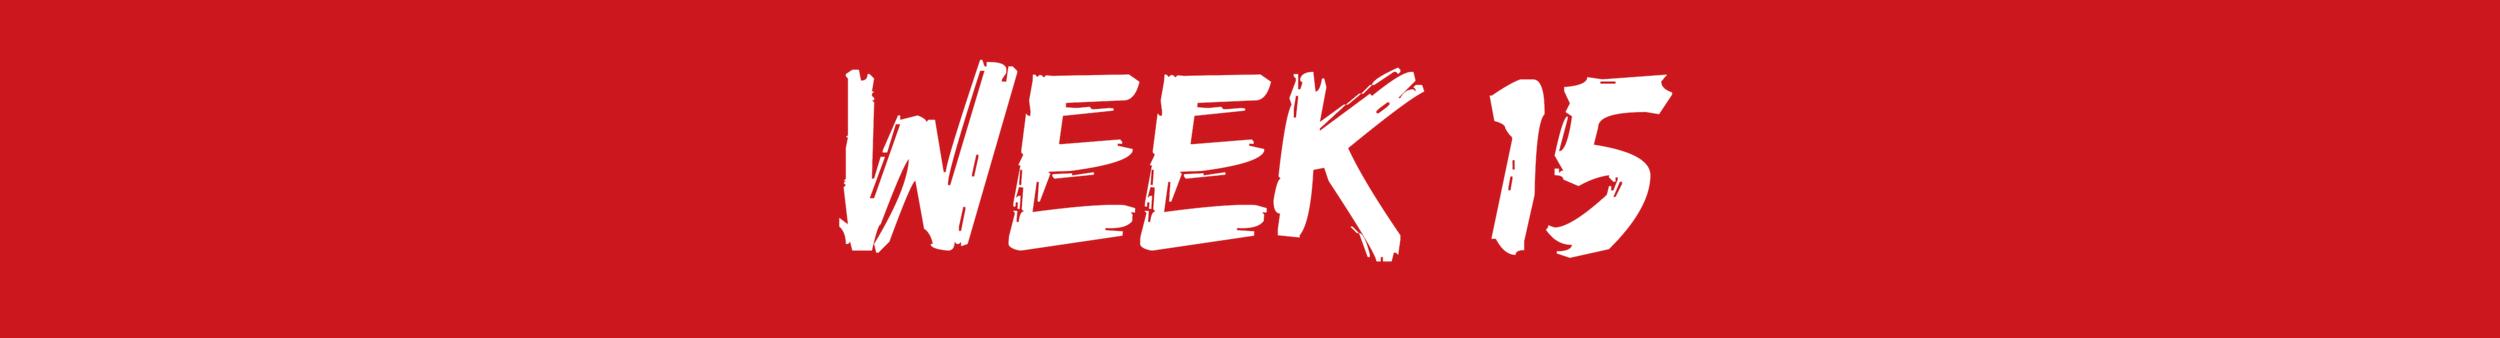 LCA4R week 15.png